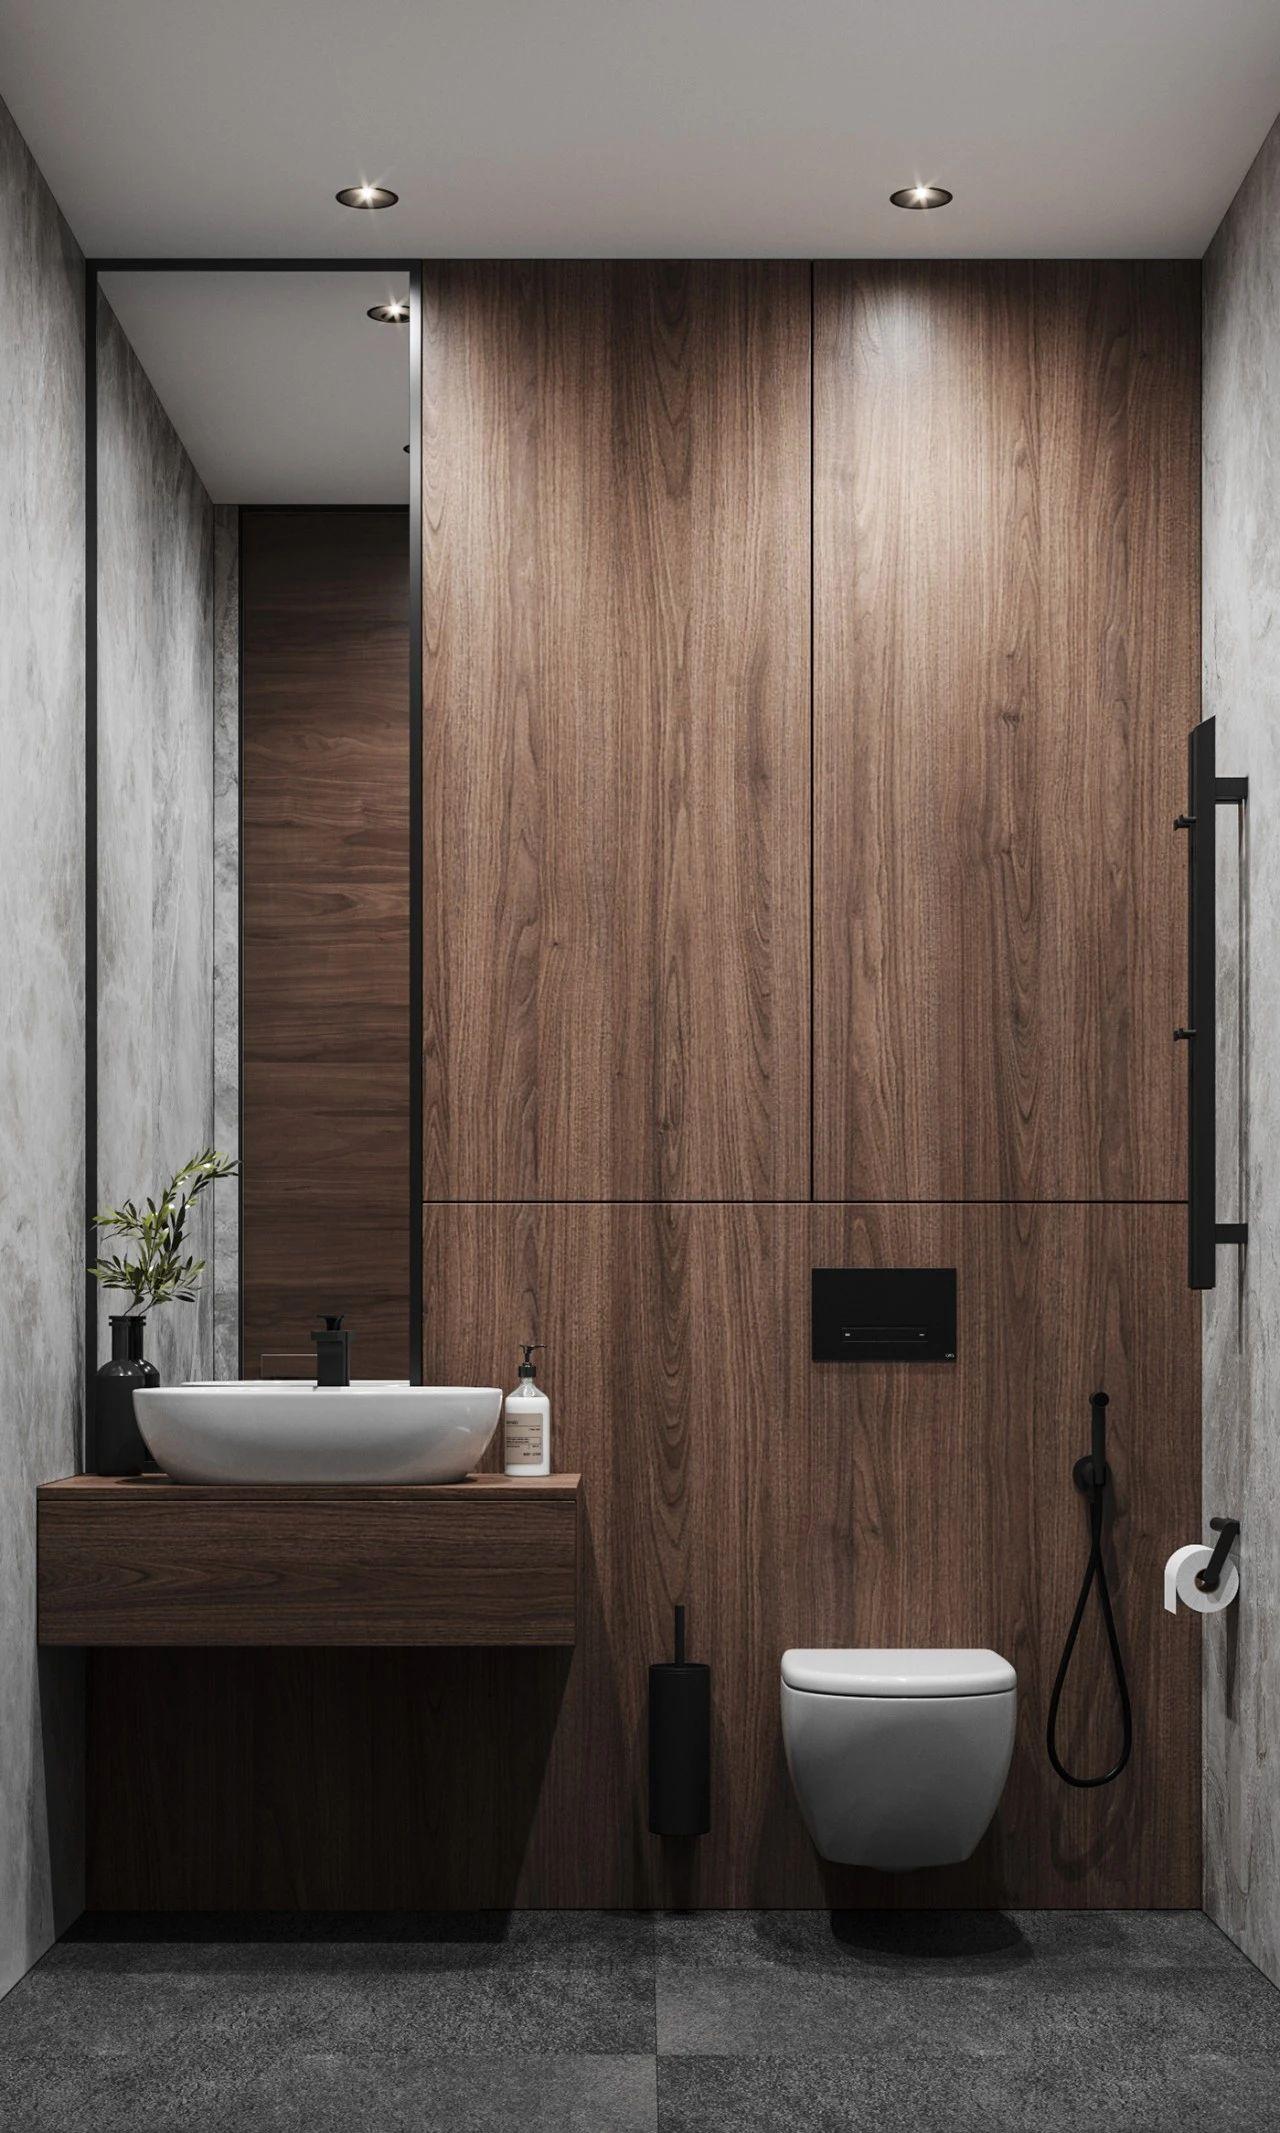 现代时尚公寓卫生间装修效果图